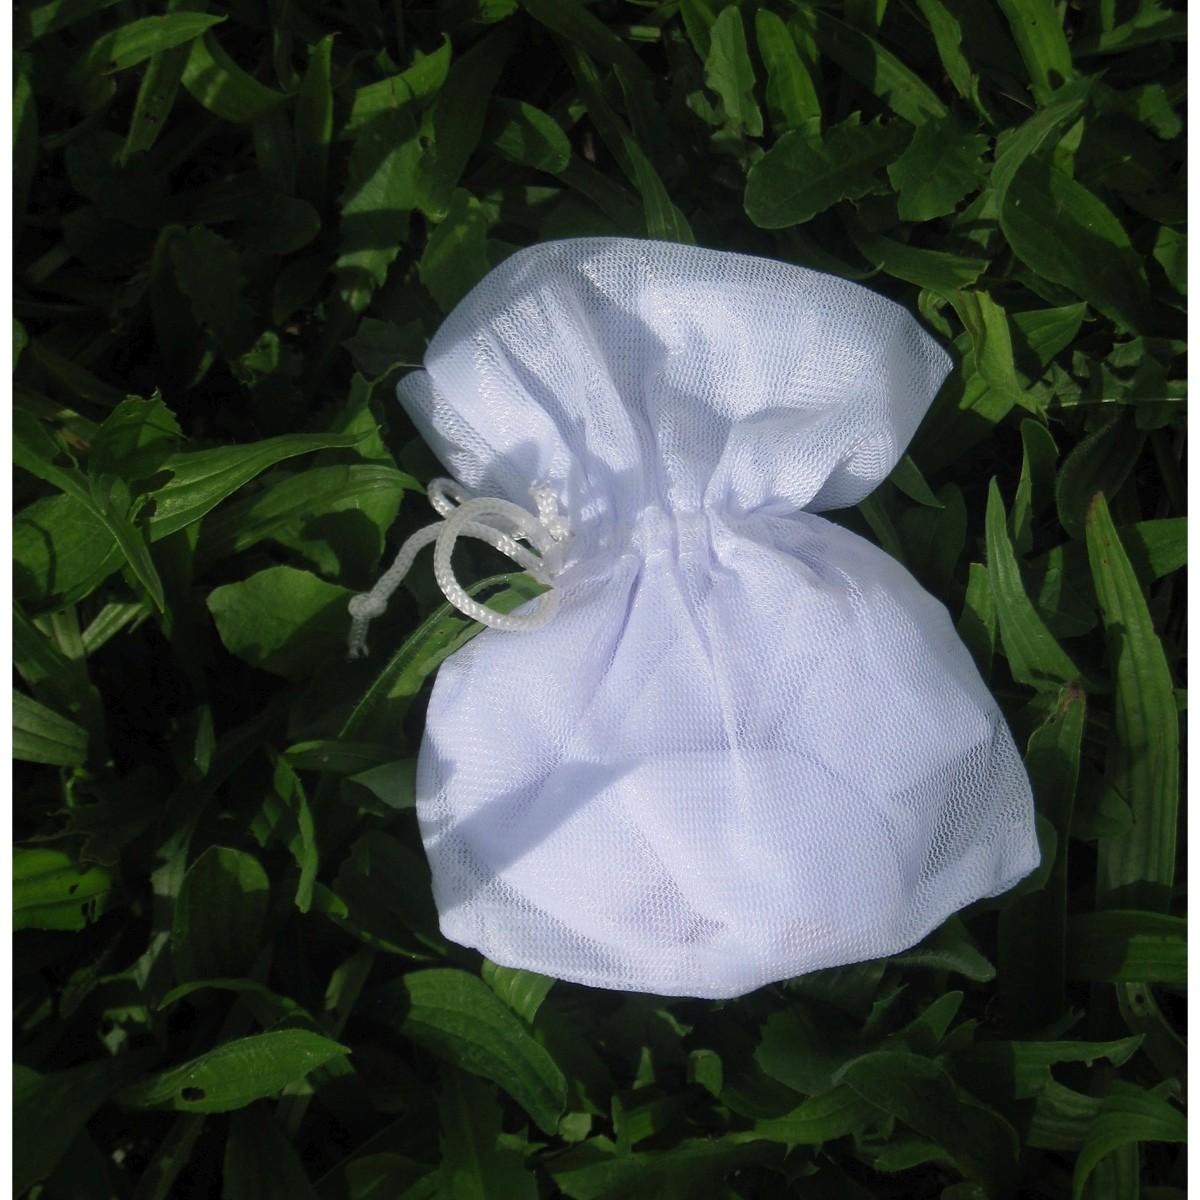 d7350d84c0 Filet de Lavage lingerie Zip Blanc G025